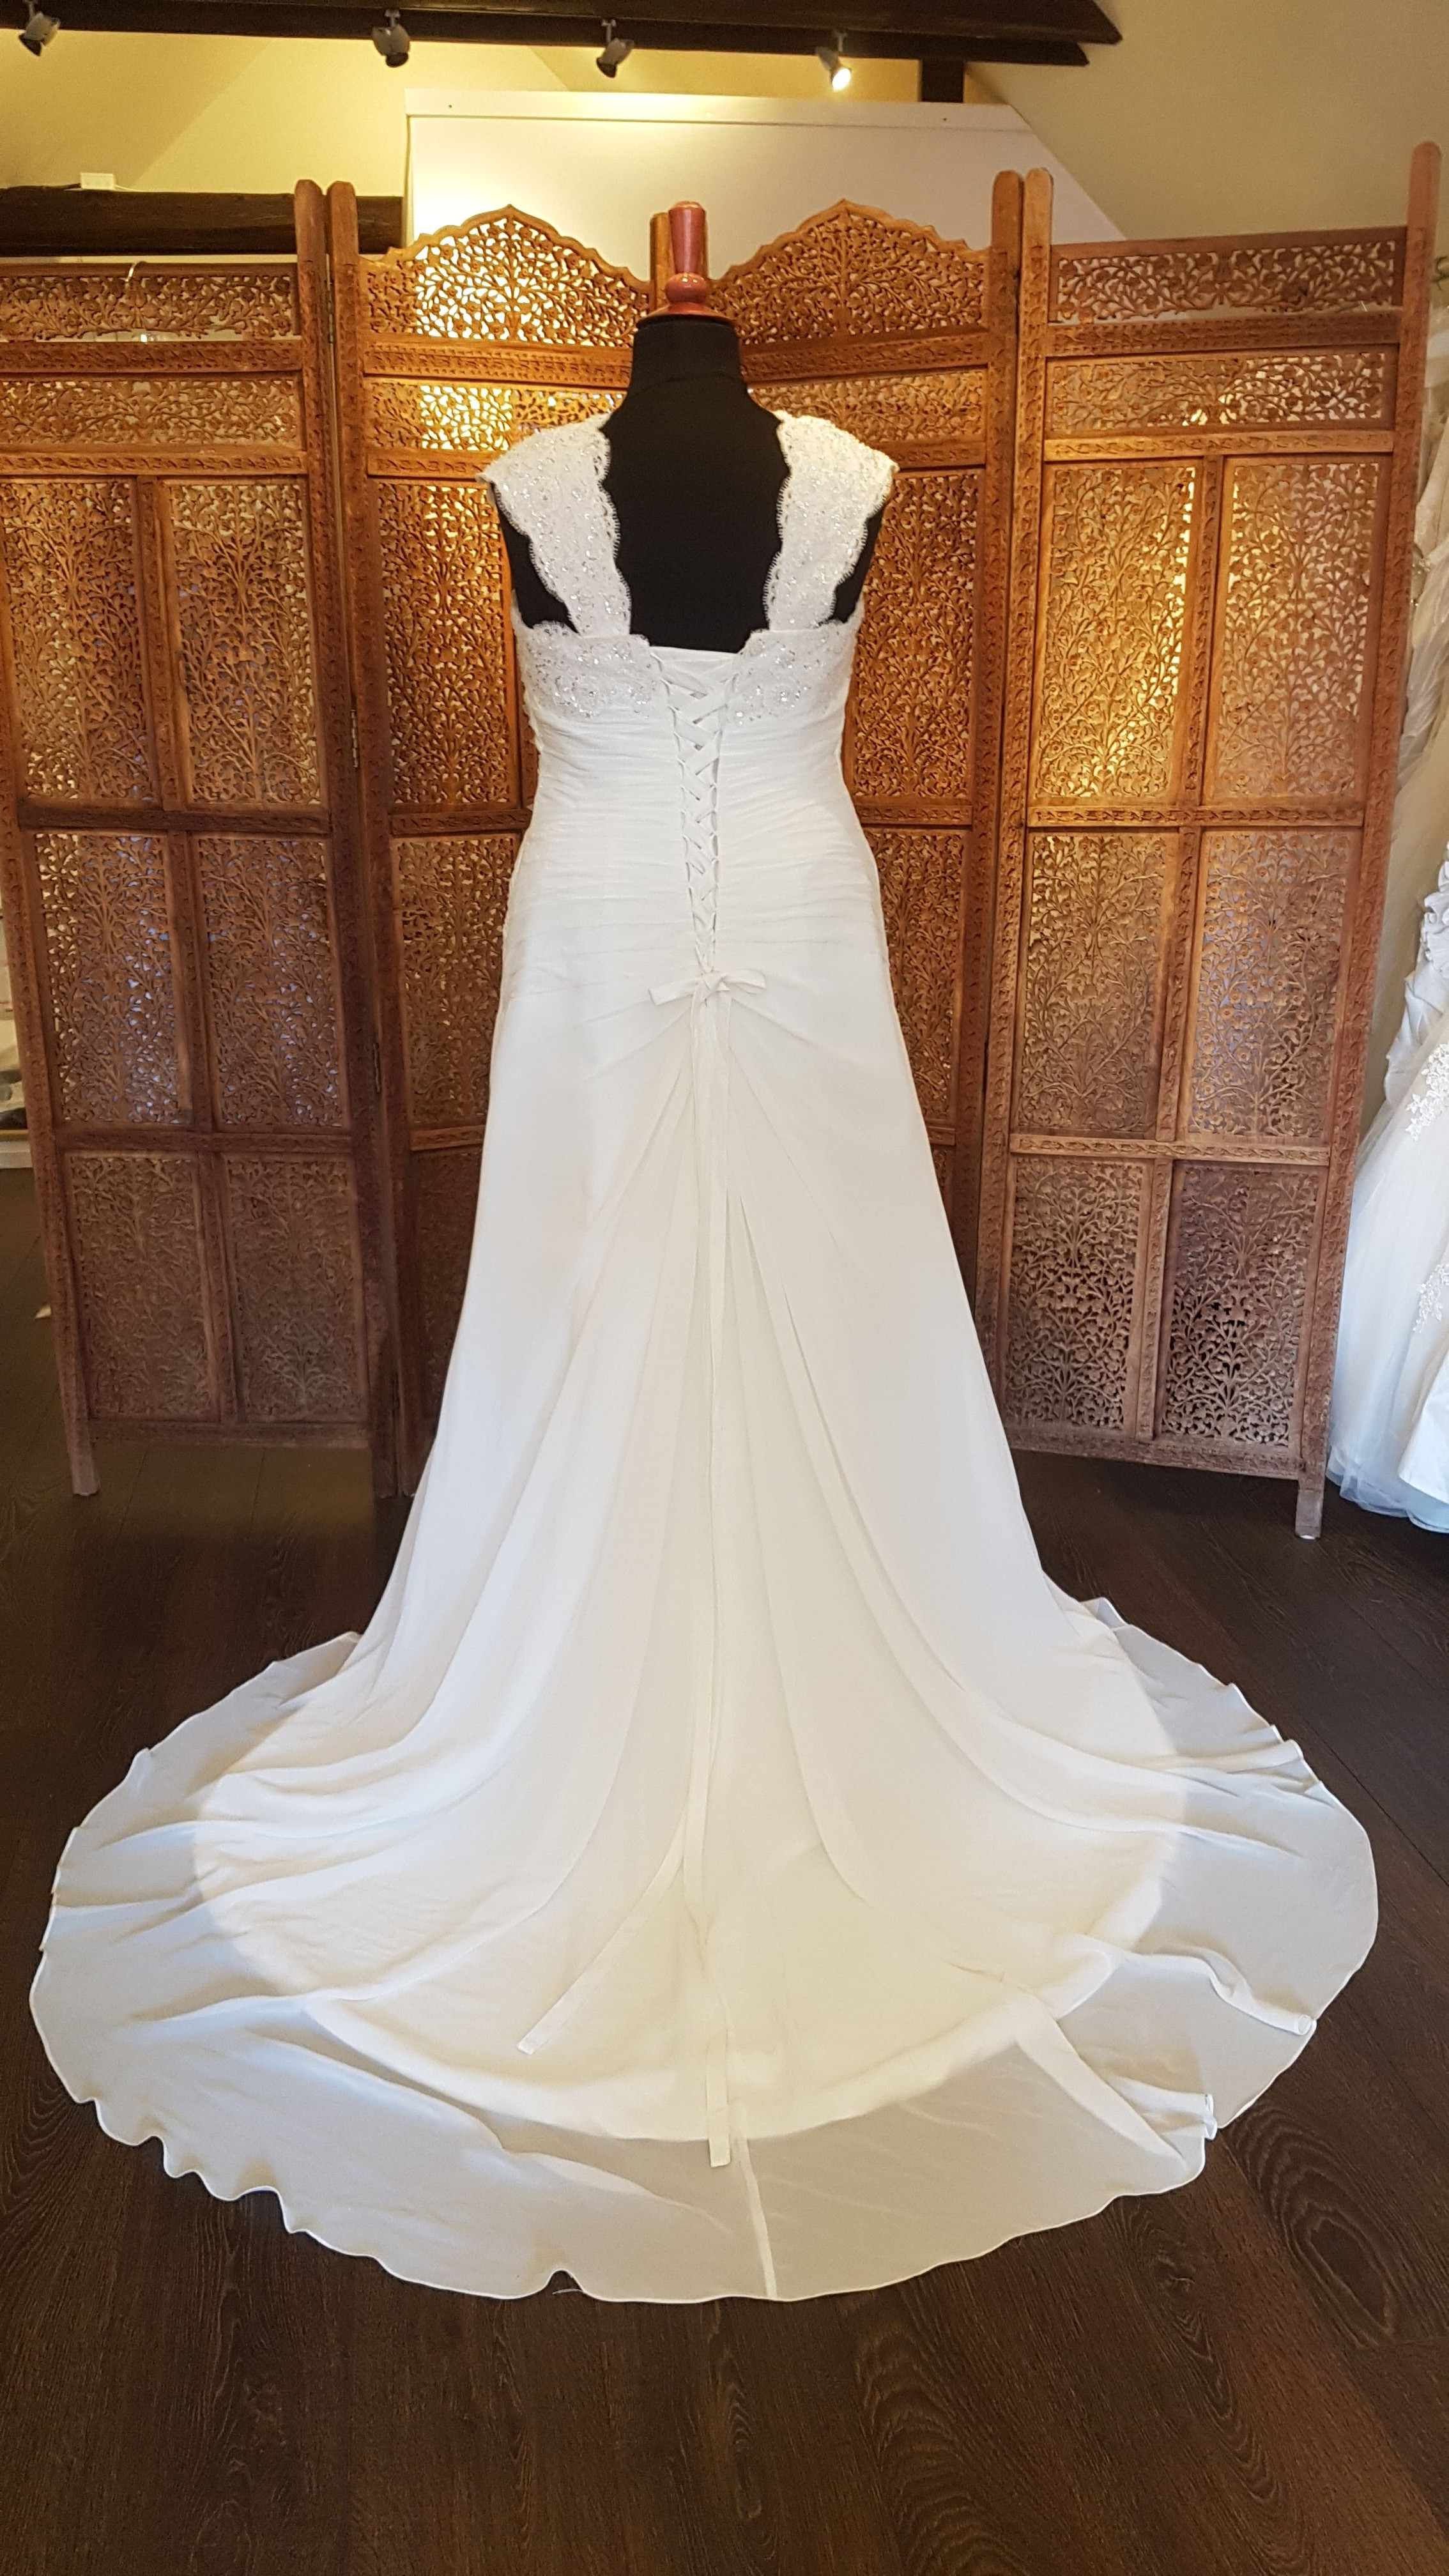 e4ac6d9b Smuk ny brudekjole med blonder og palietter foroven, bredestropper og skørt  i chiffon. Str. 52. Pris 5.395 kr.